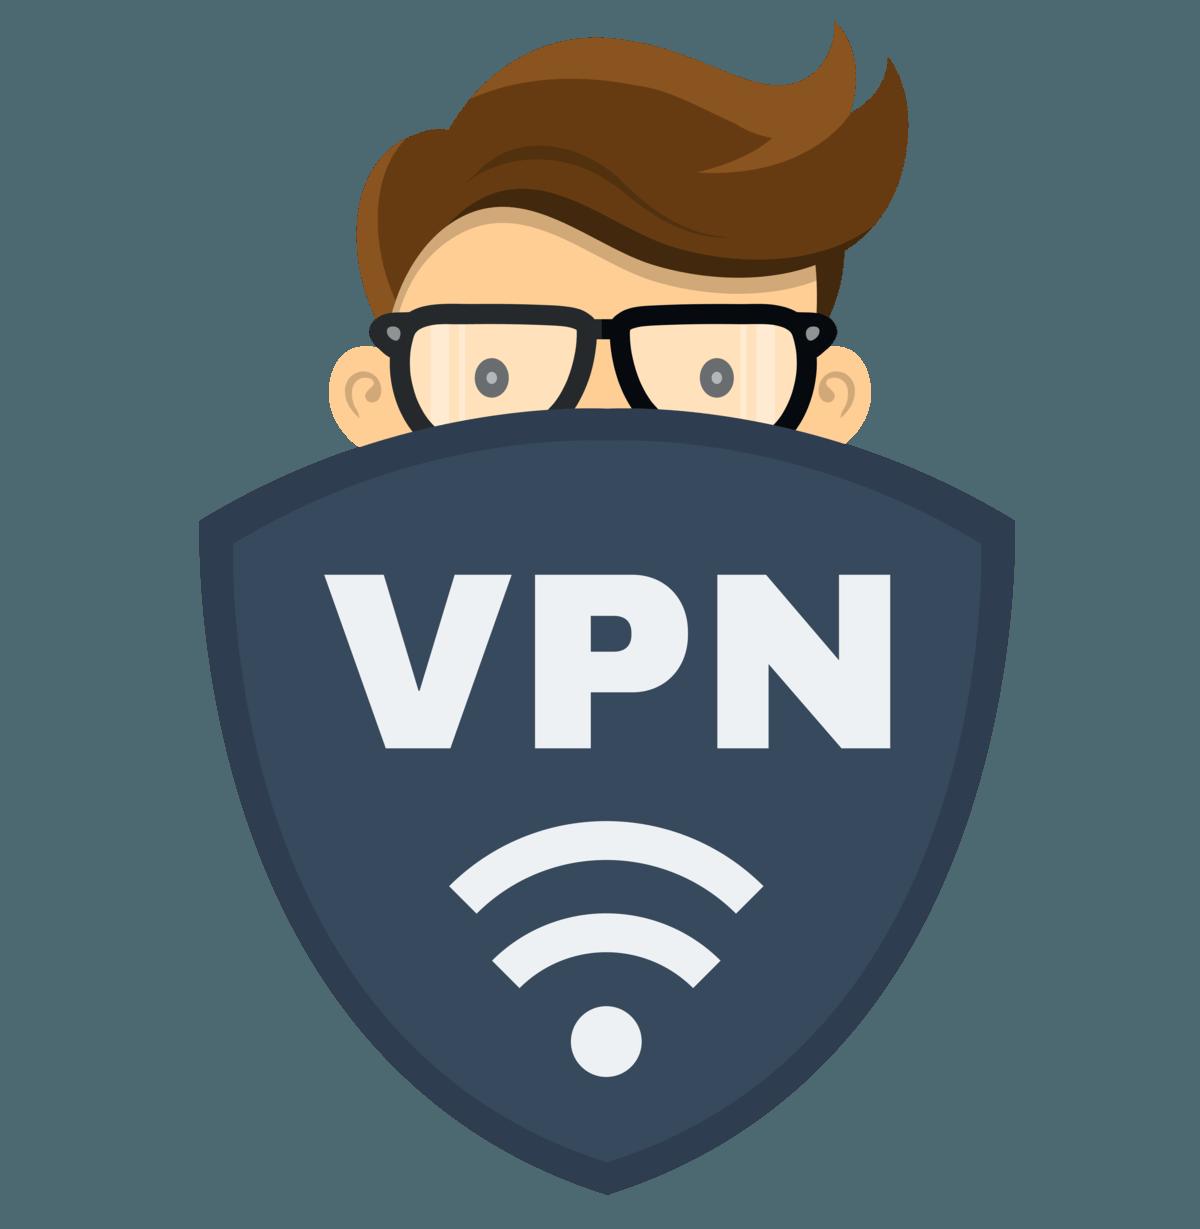 چرا باید VPN بخریم؟